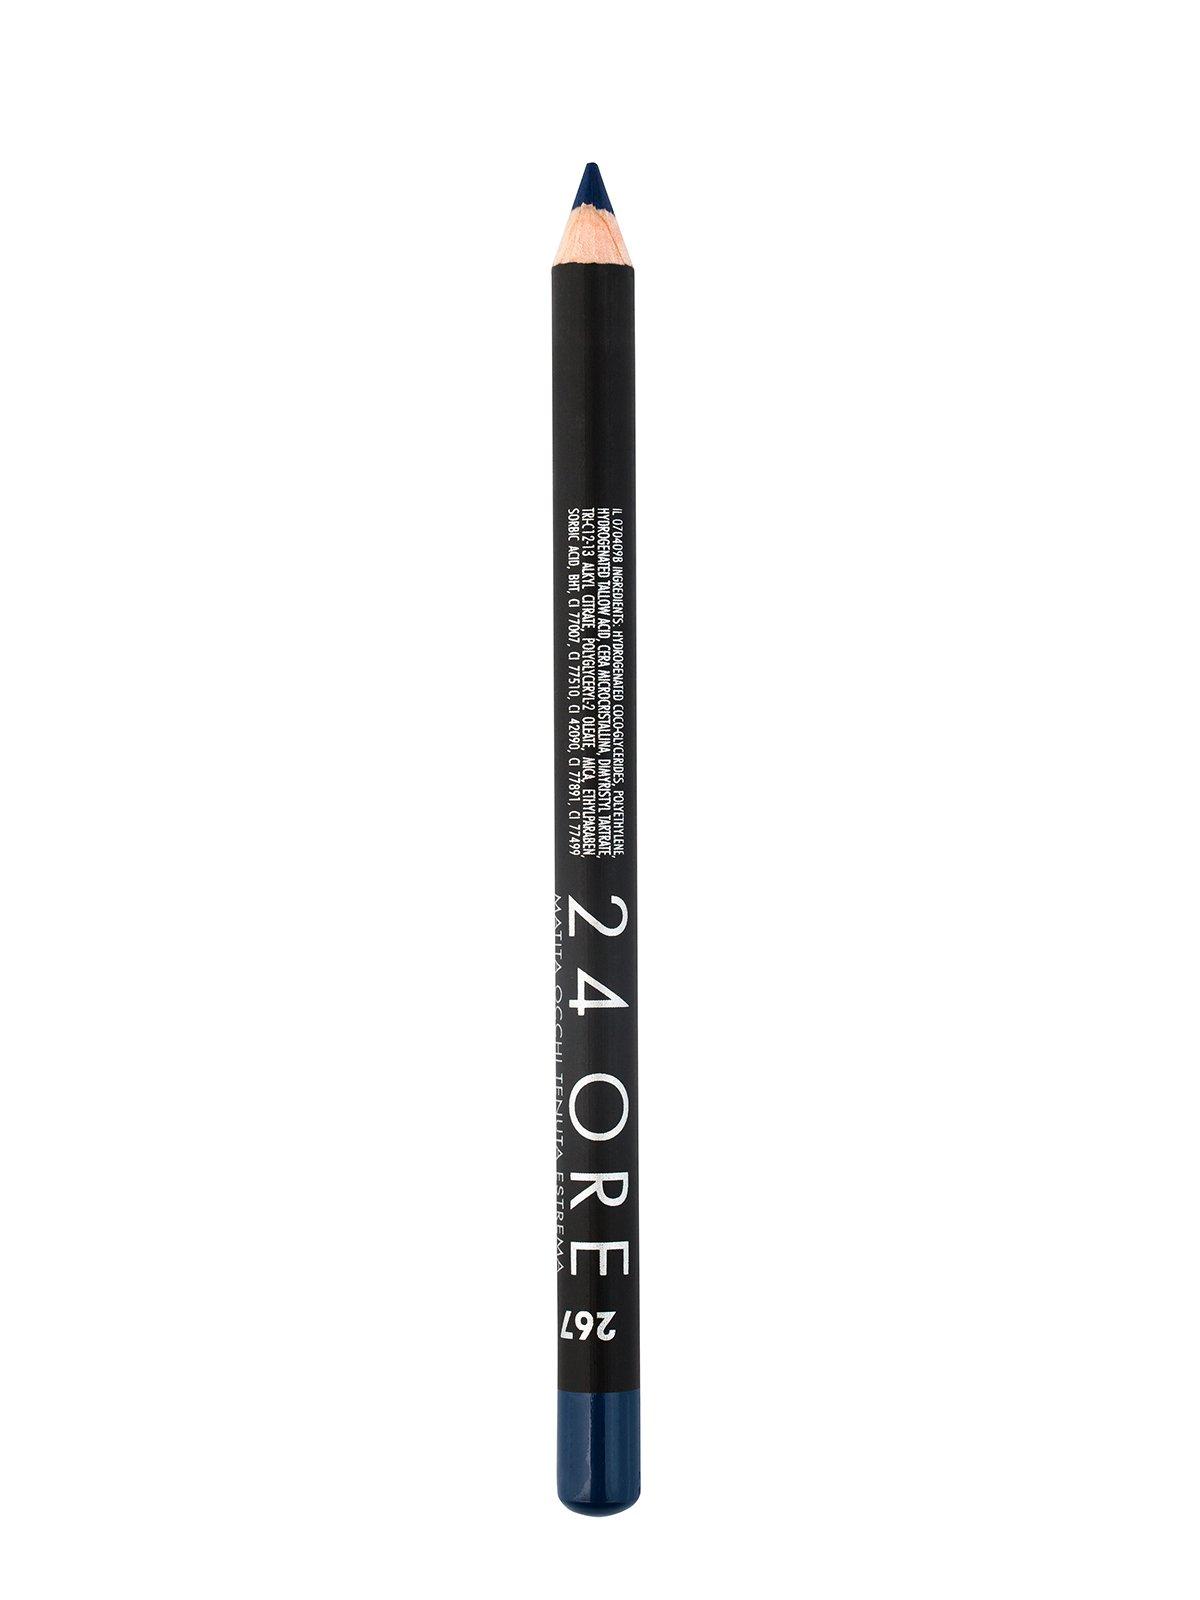 Олівець для повік стійкий 24 Ore - № 267 (1,5 г)   352185